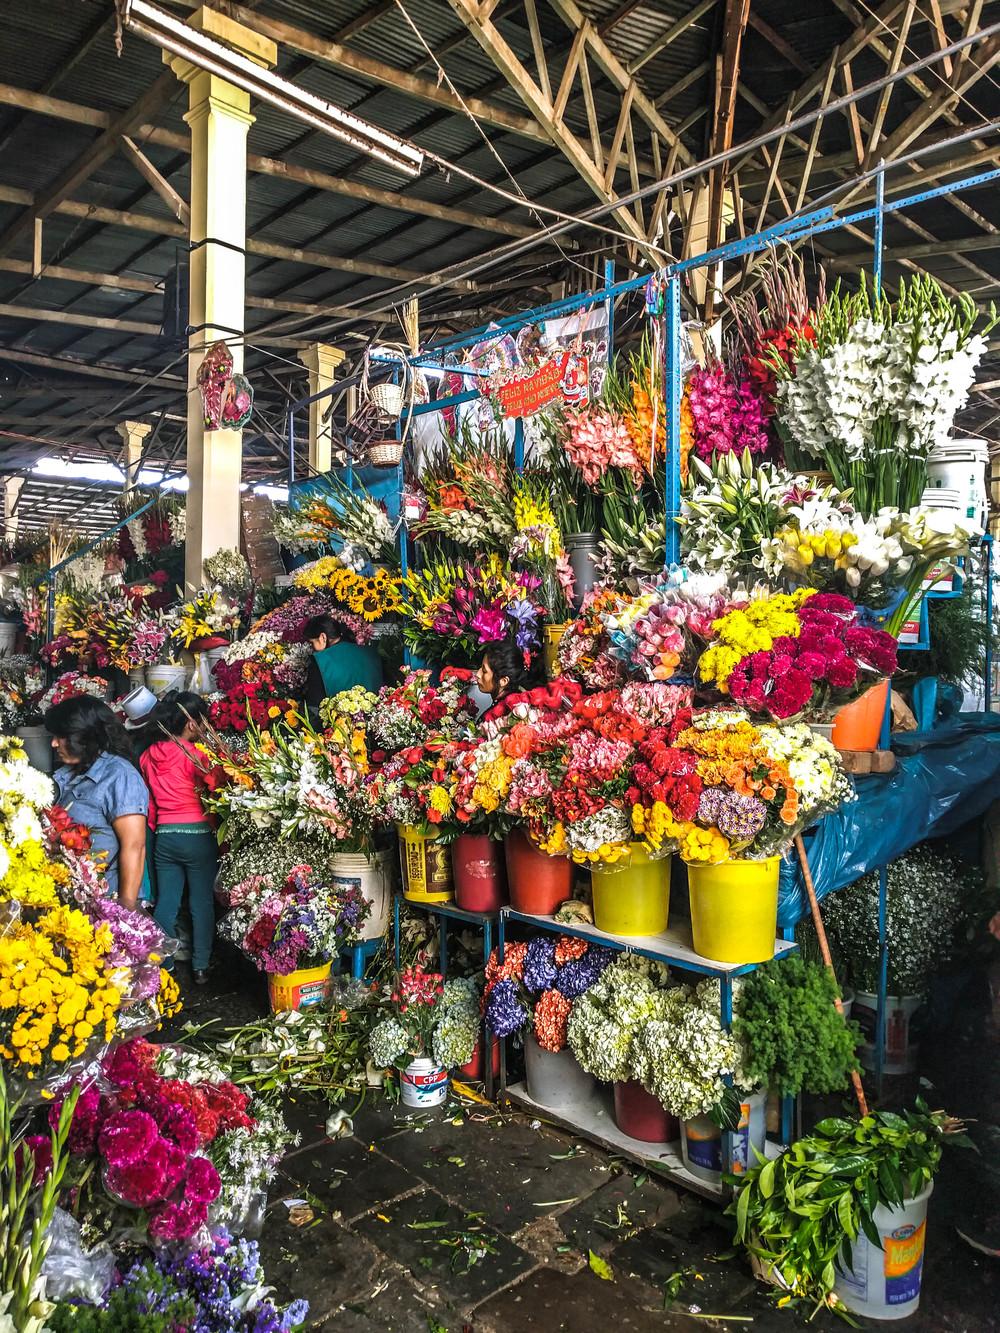 cusco market flowers.jpg